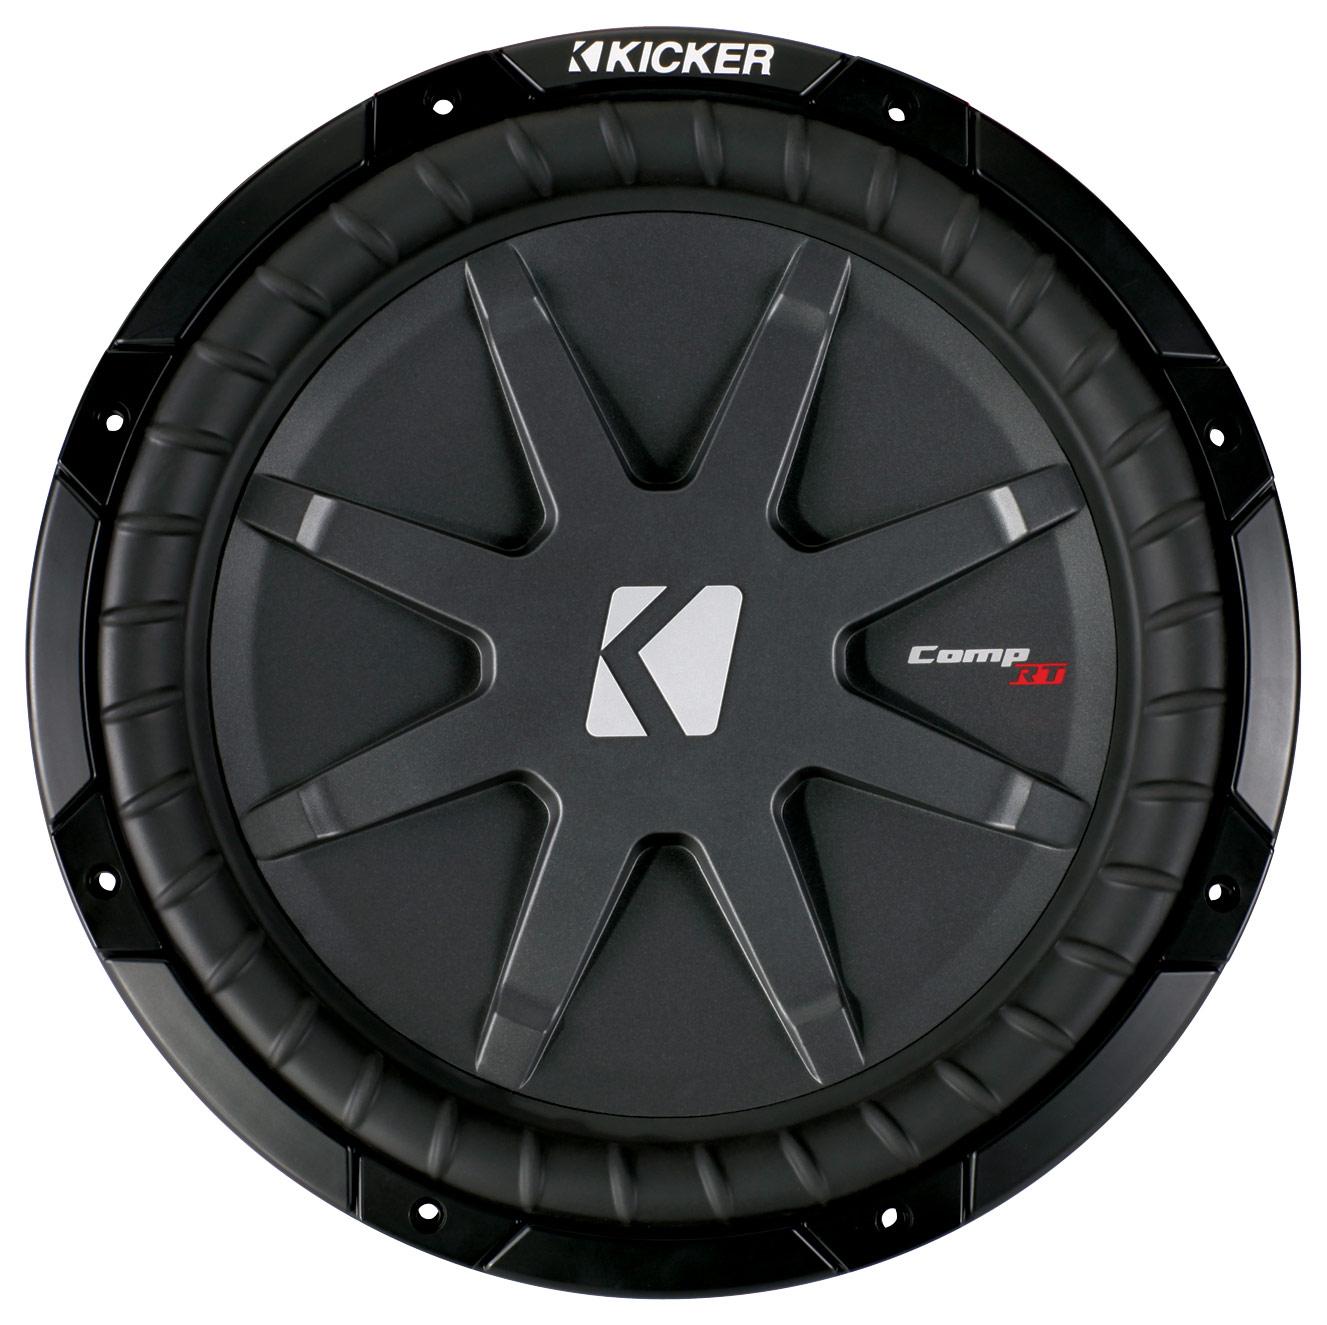 Kicker - CompRT 12 Dual-Voice-Coil 1-Ohm Subwoofer - Black